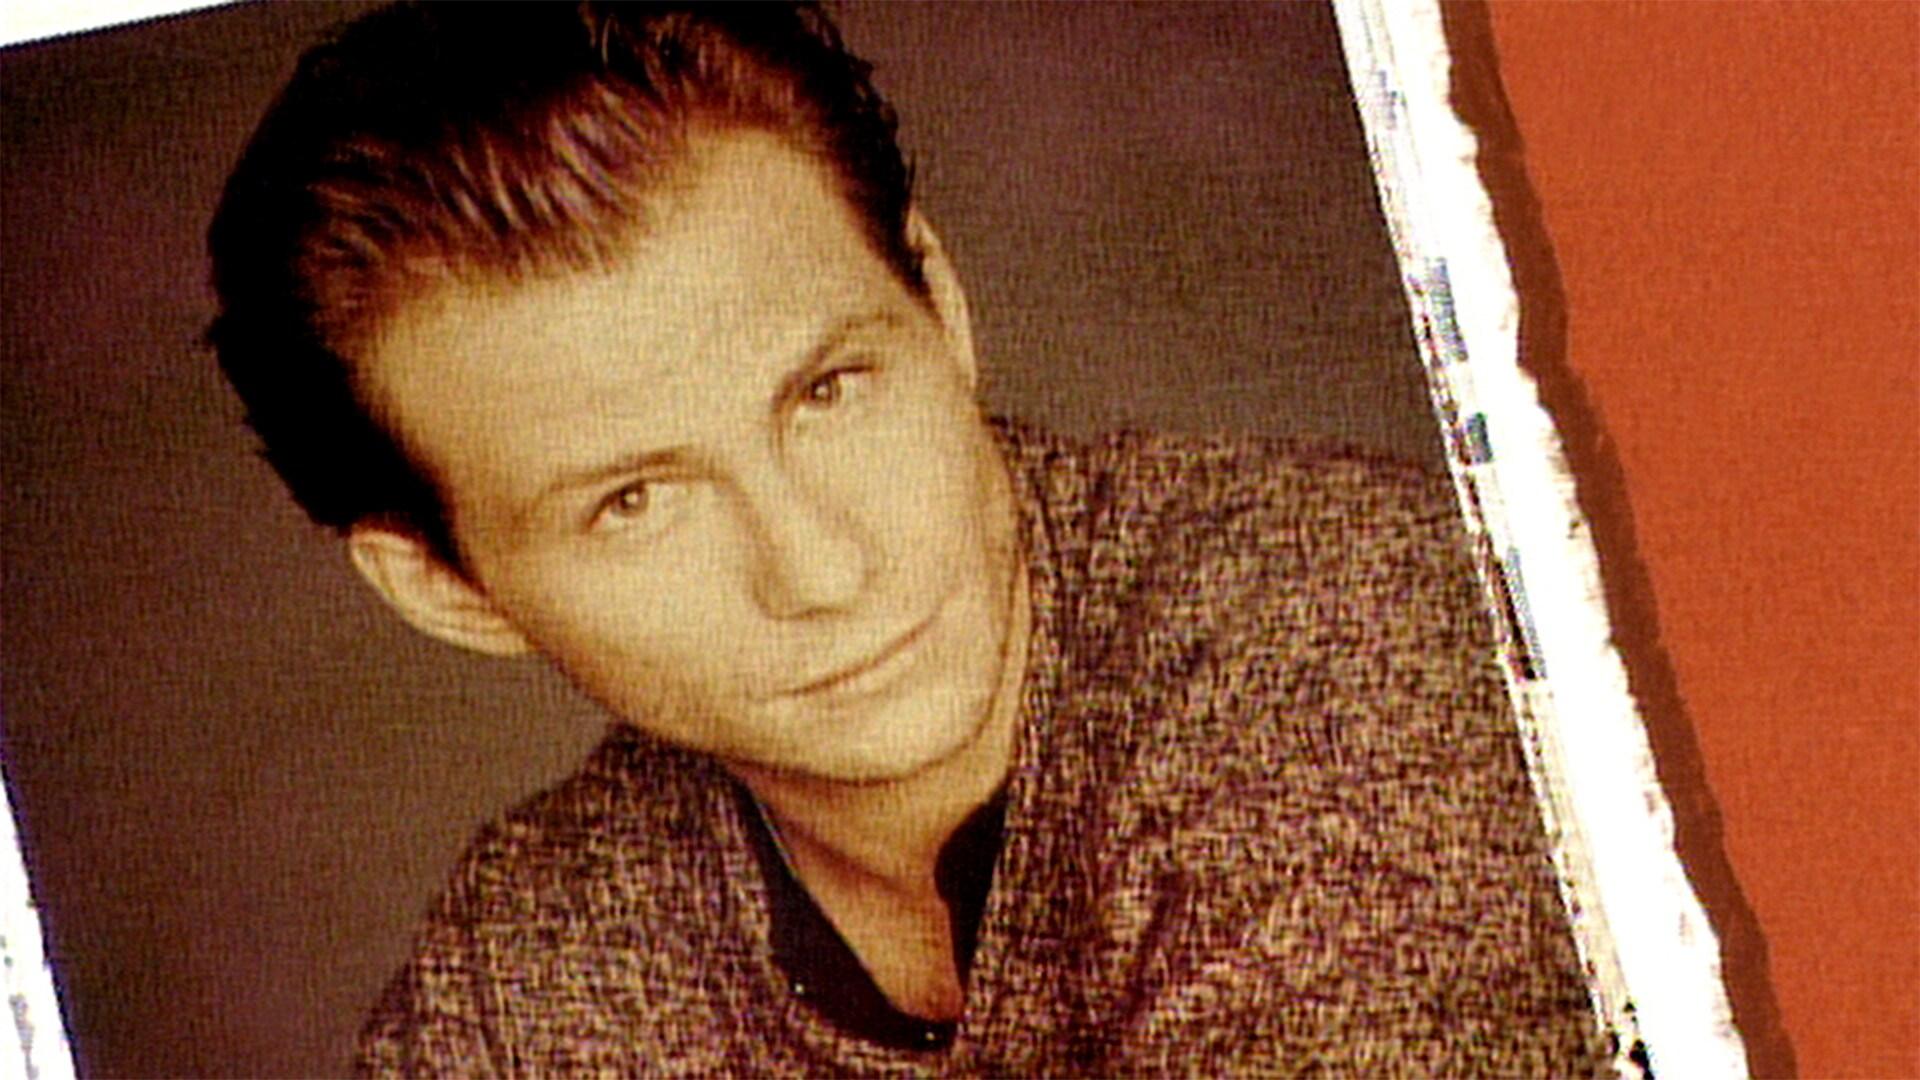 Christian Slater: October 30, 1993